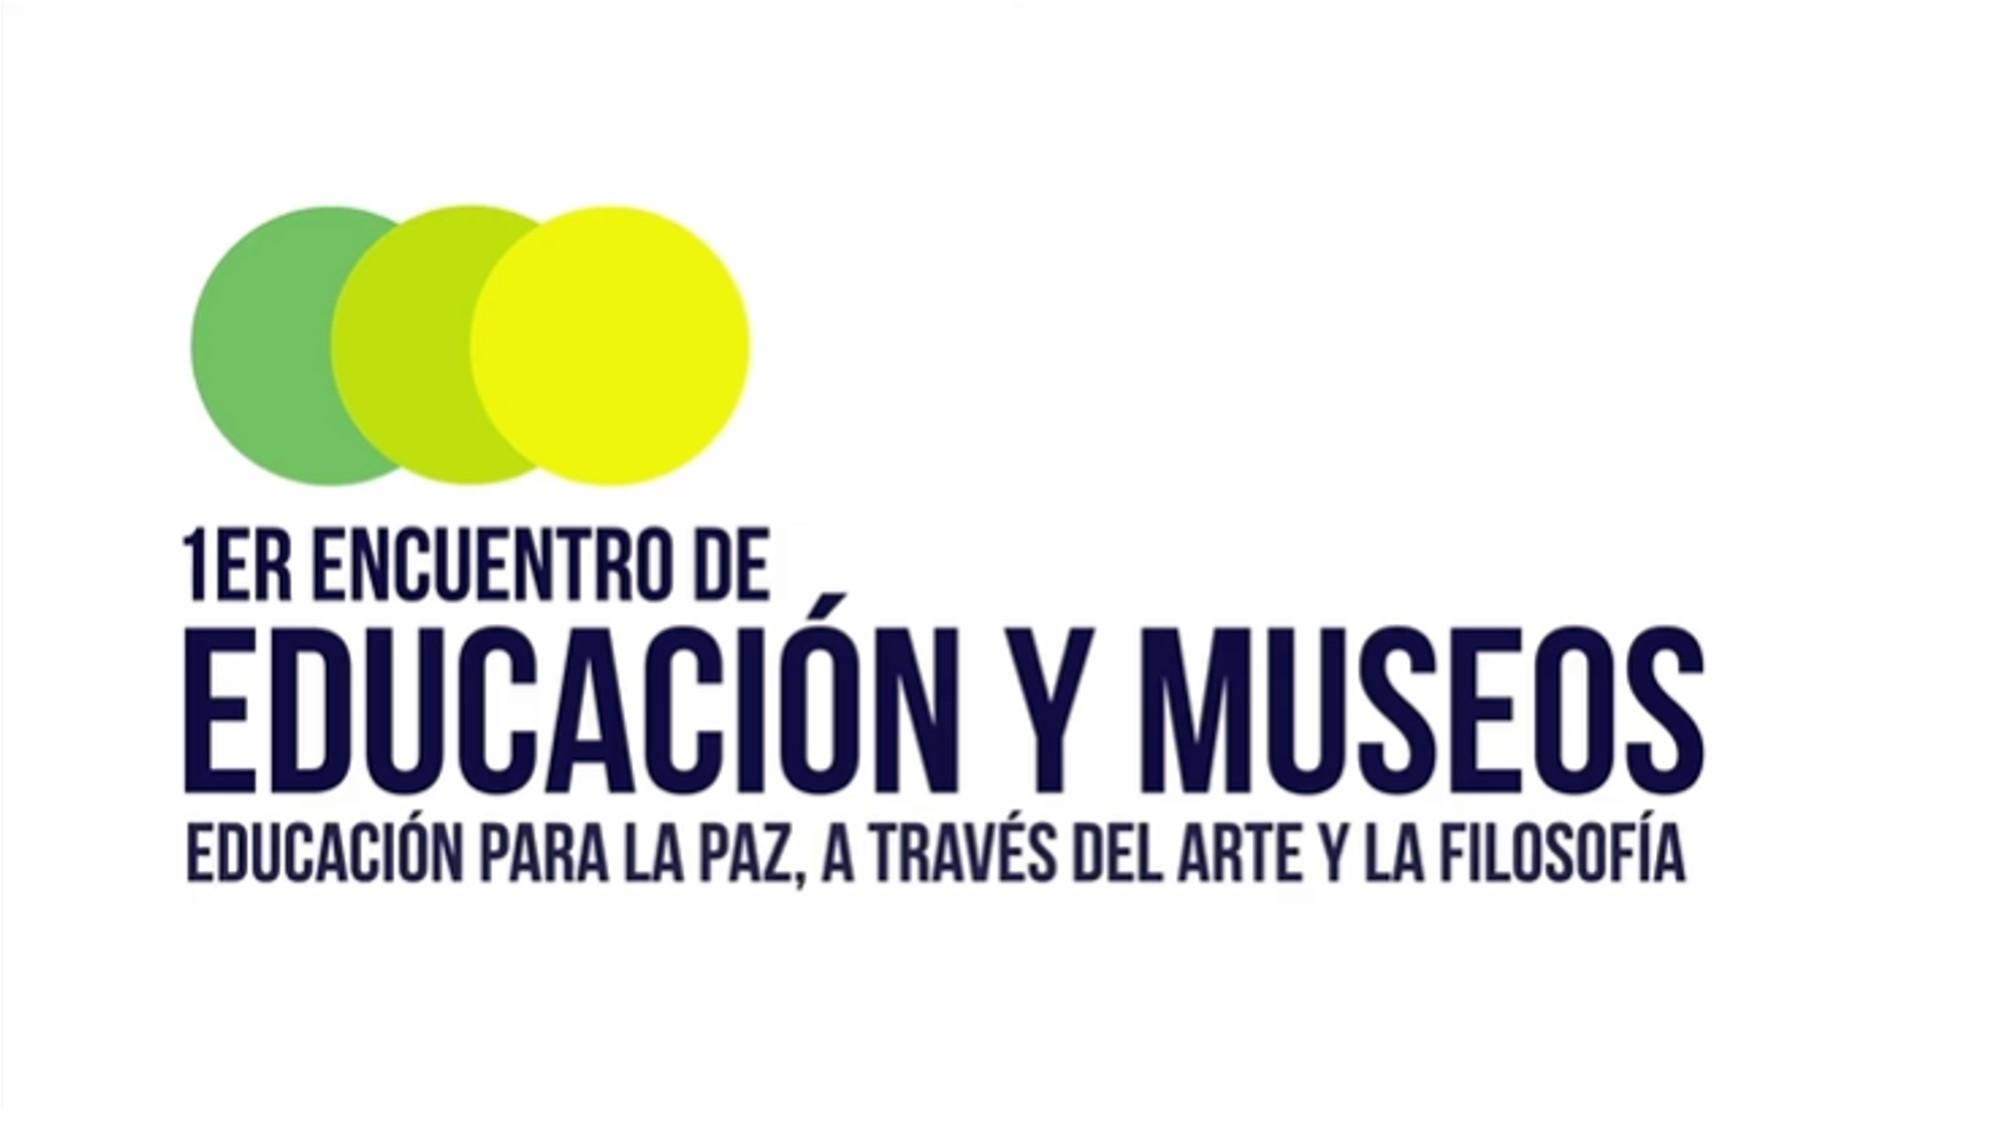 1er. Encuentro de Educación y Museos. Mesa: Proyectos educativos para la paz a través del arte y filosofía